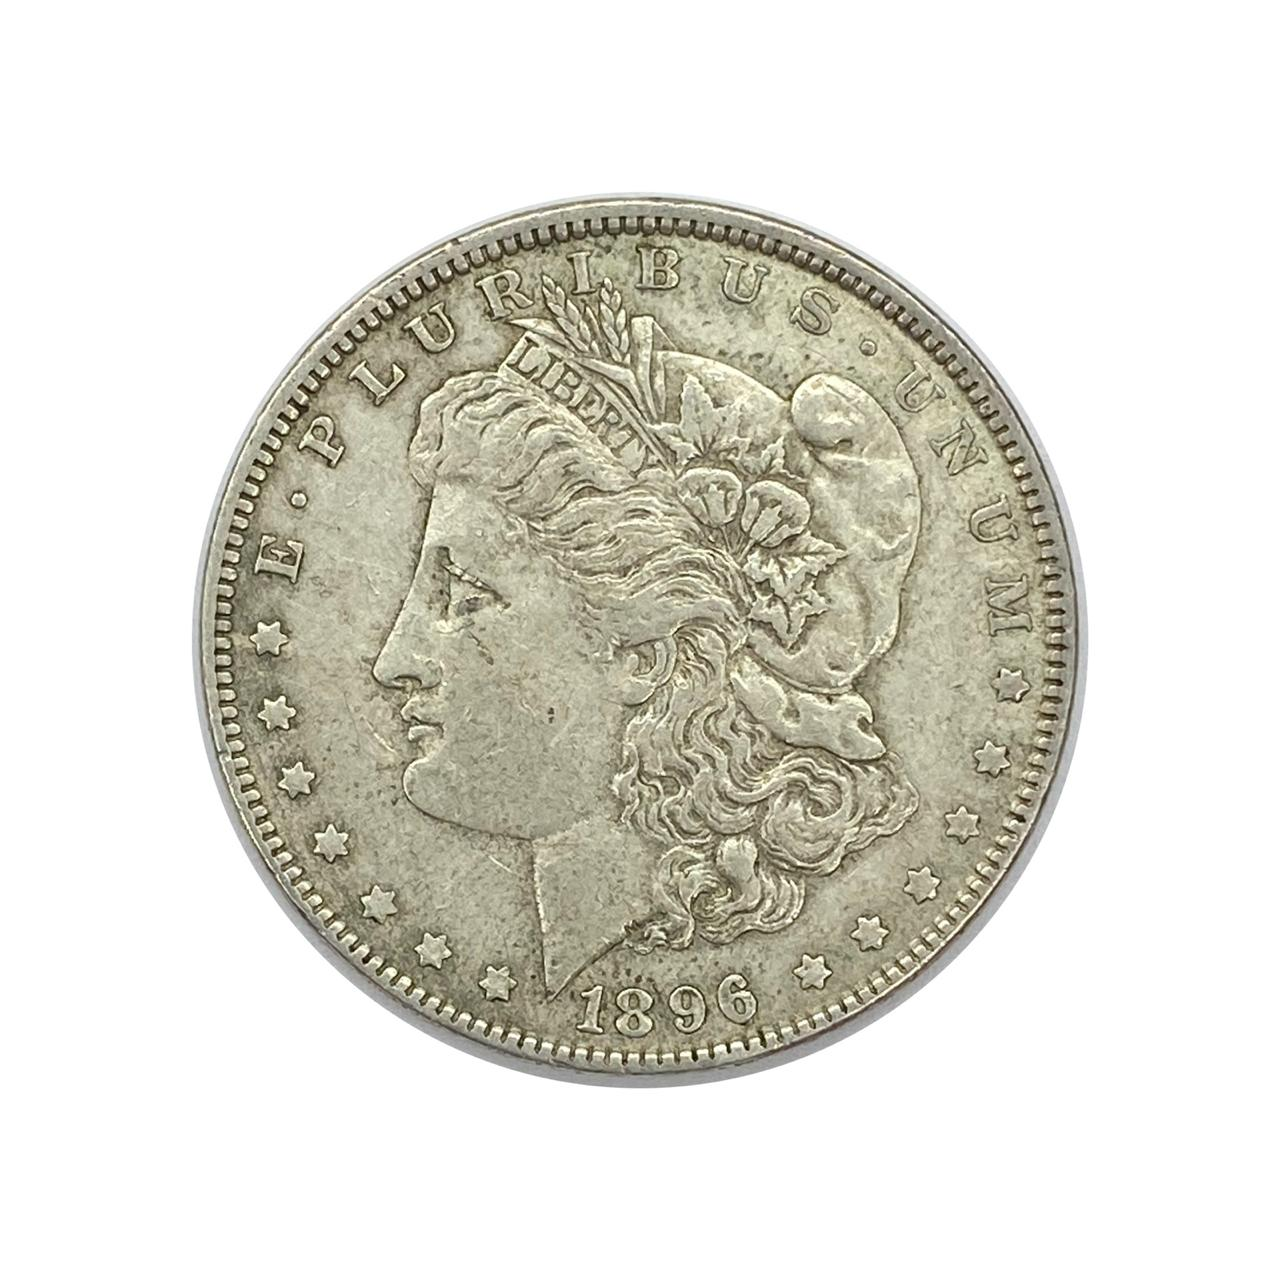 1 Dólar Morgan Dollar-1896